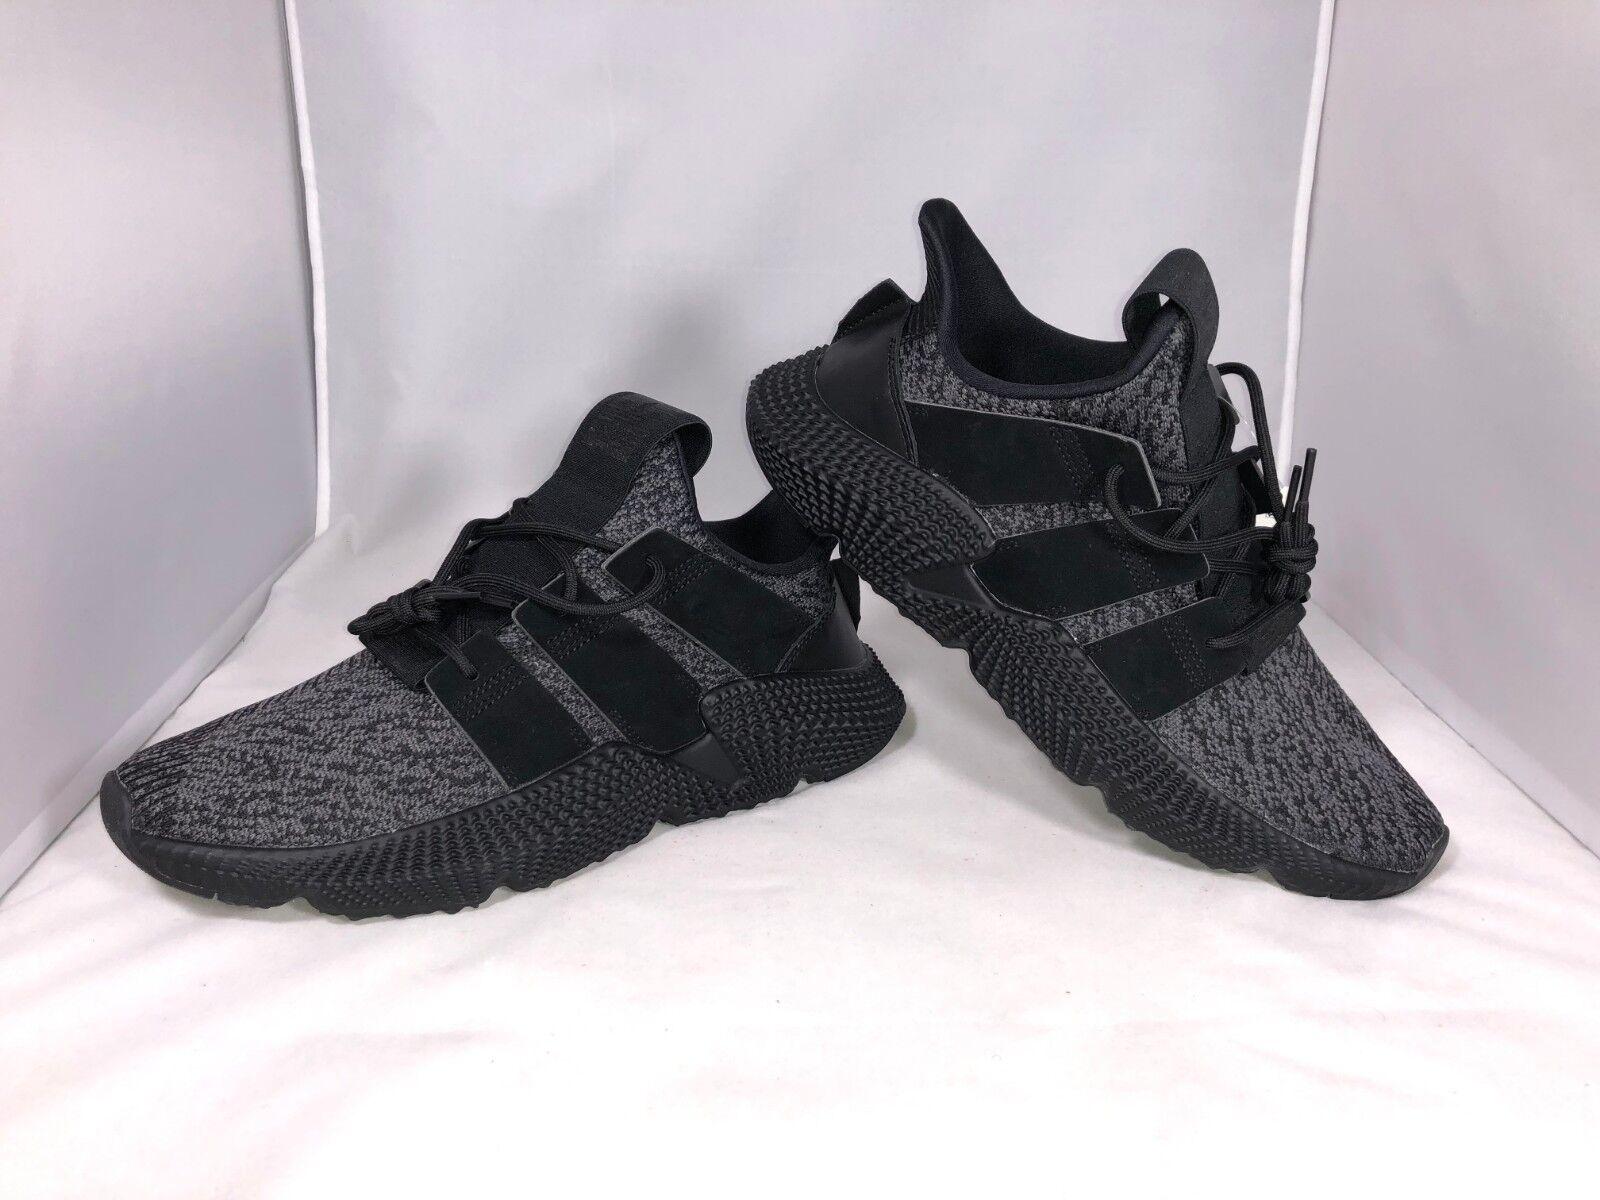 Adidas Originals Prophere Mens shoes Triple Black CQ2126